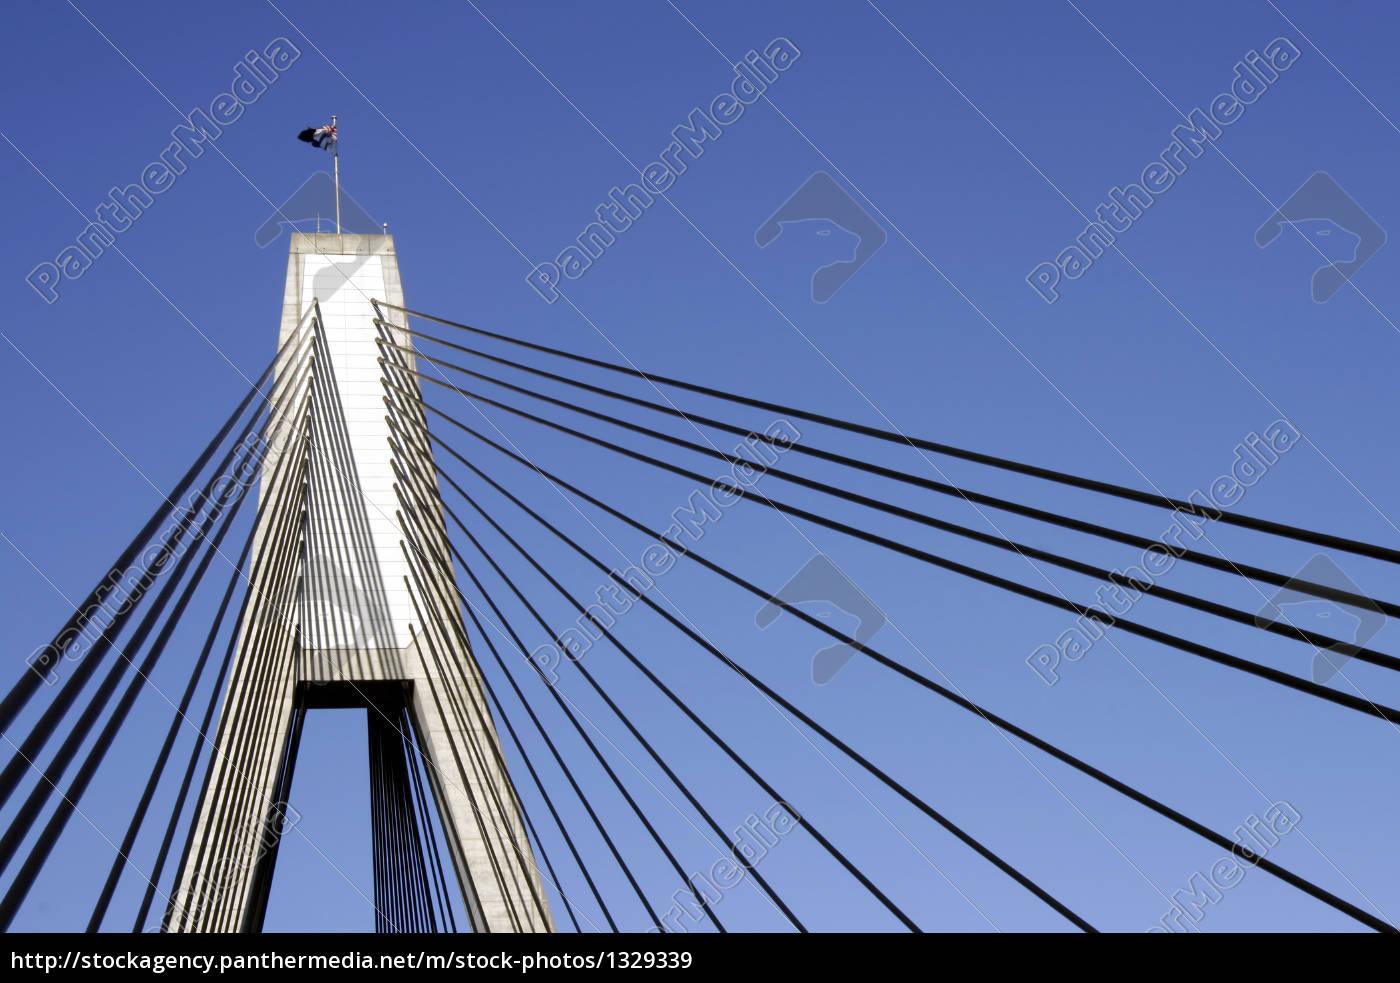 anzac, bridge - 1329339